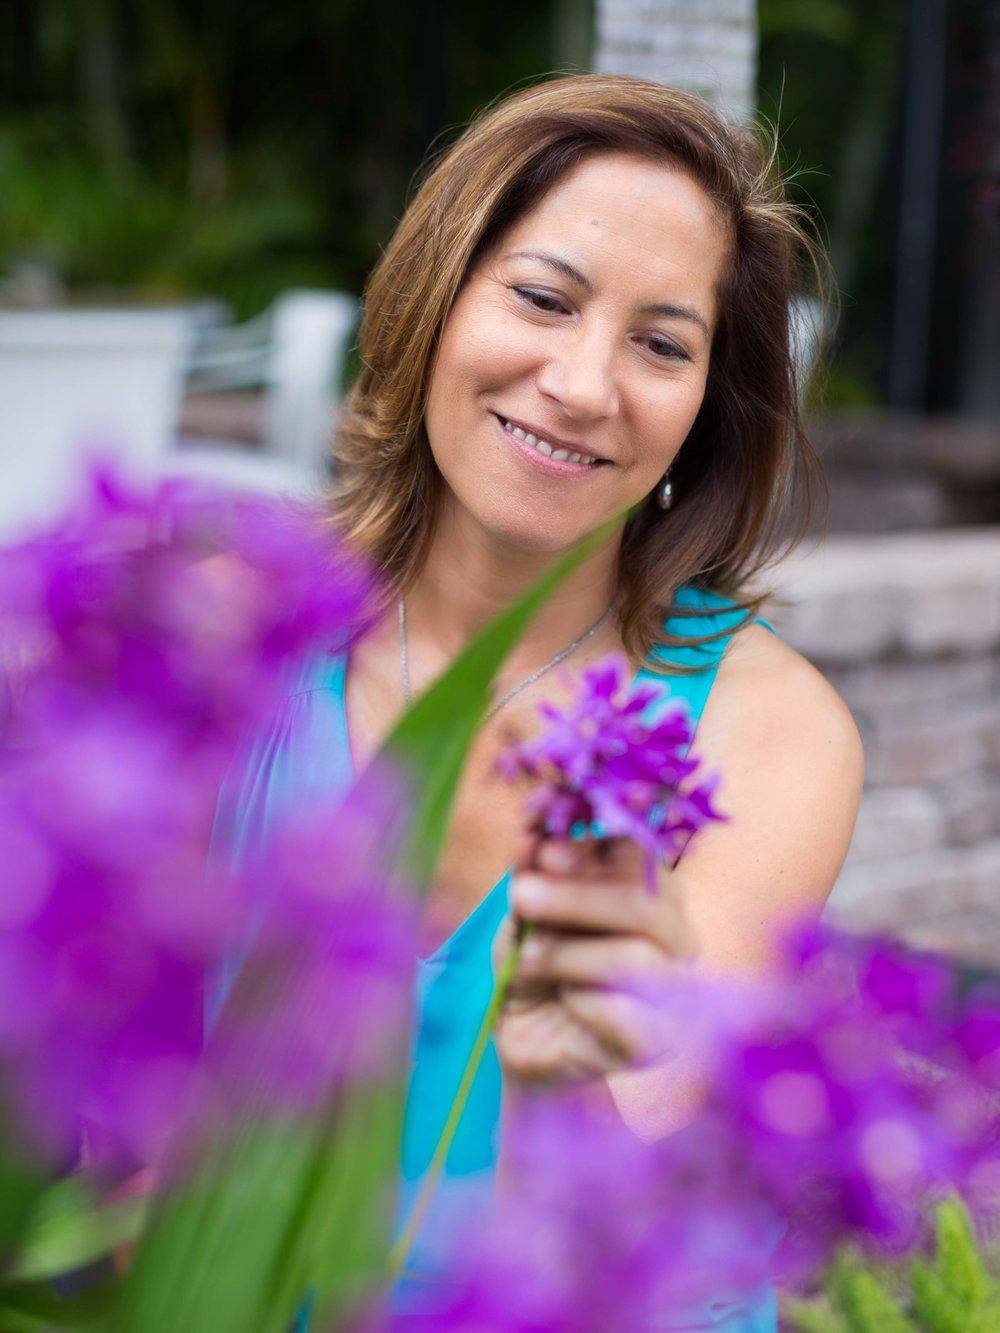 portrait-of-woman-purple flowers